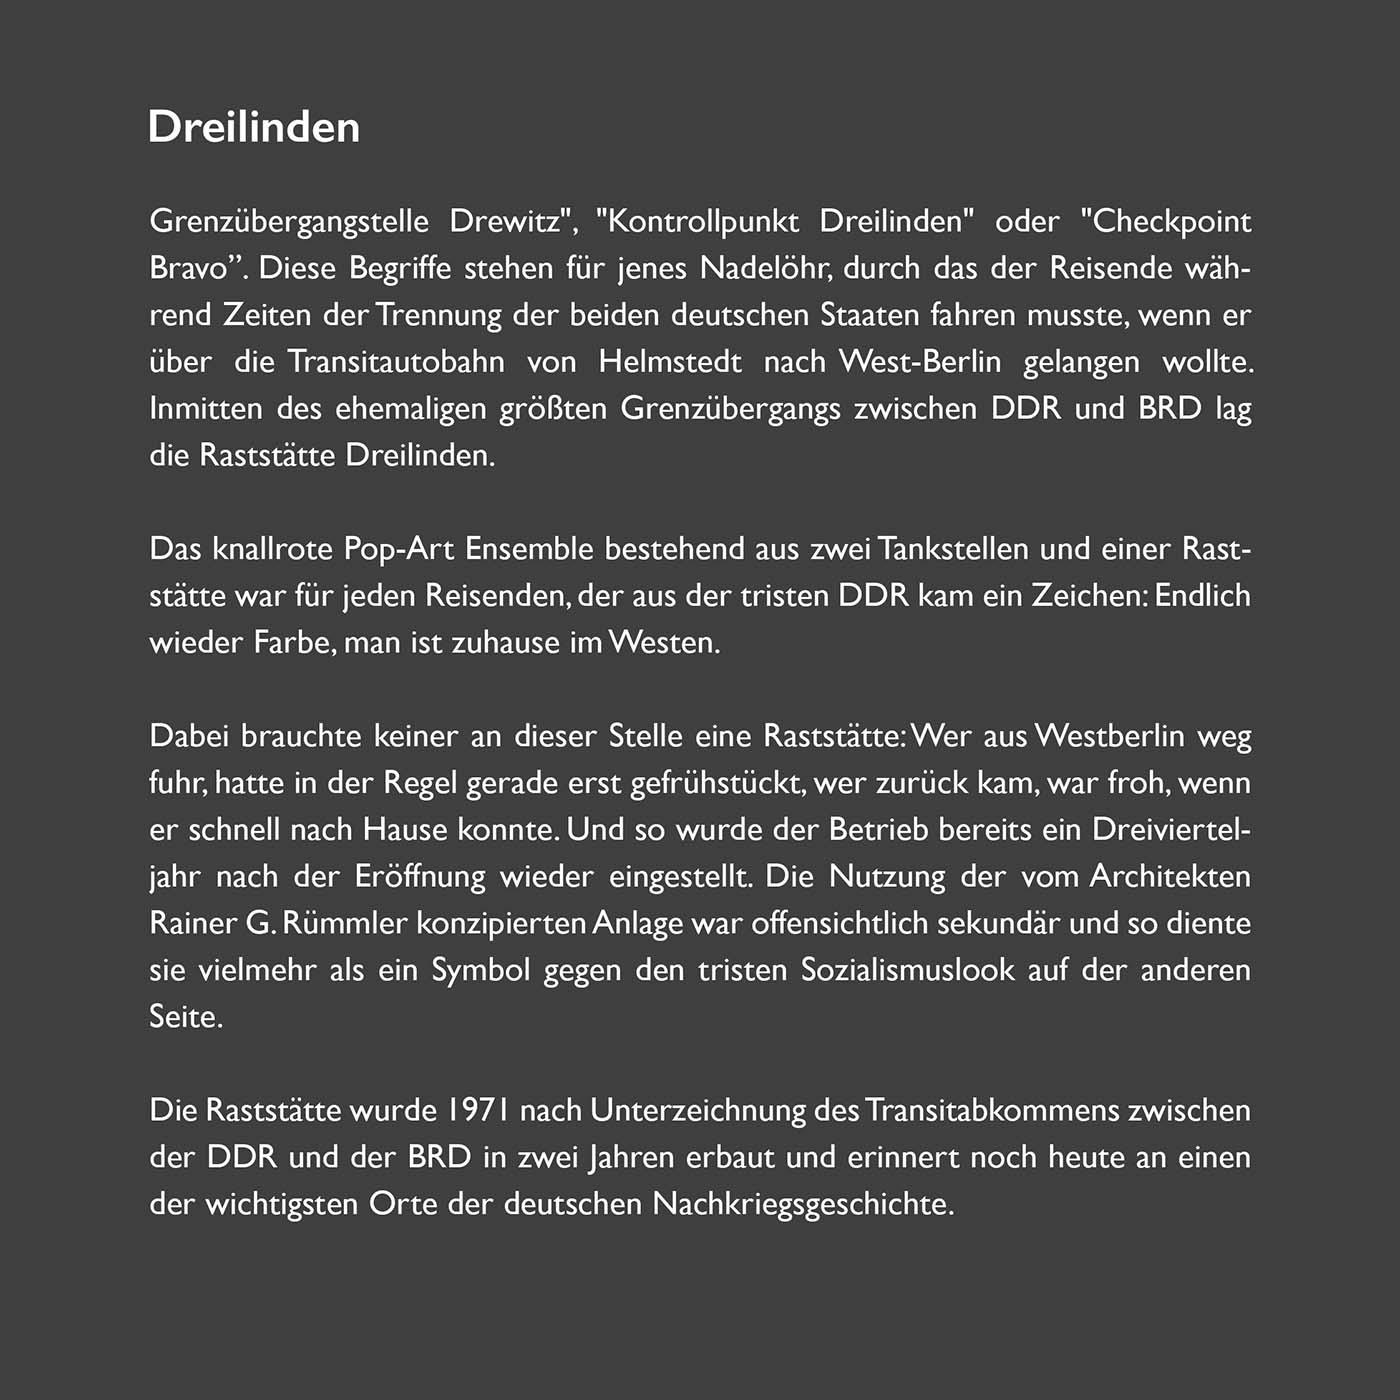 dreilinden_text